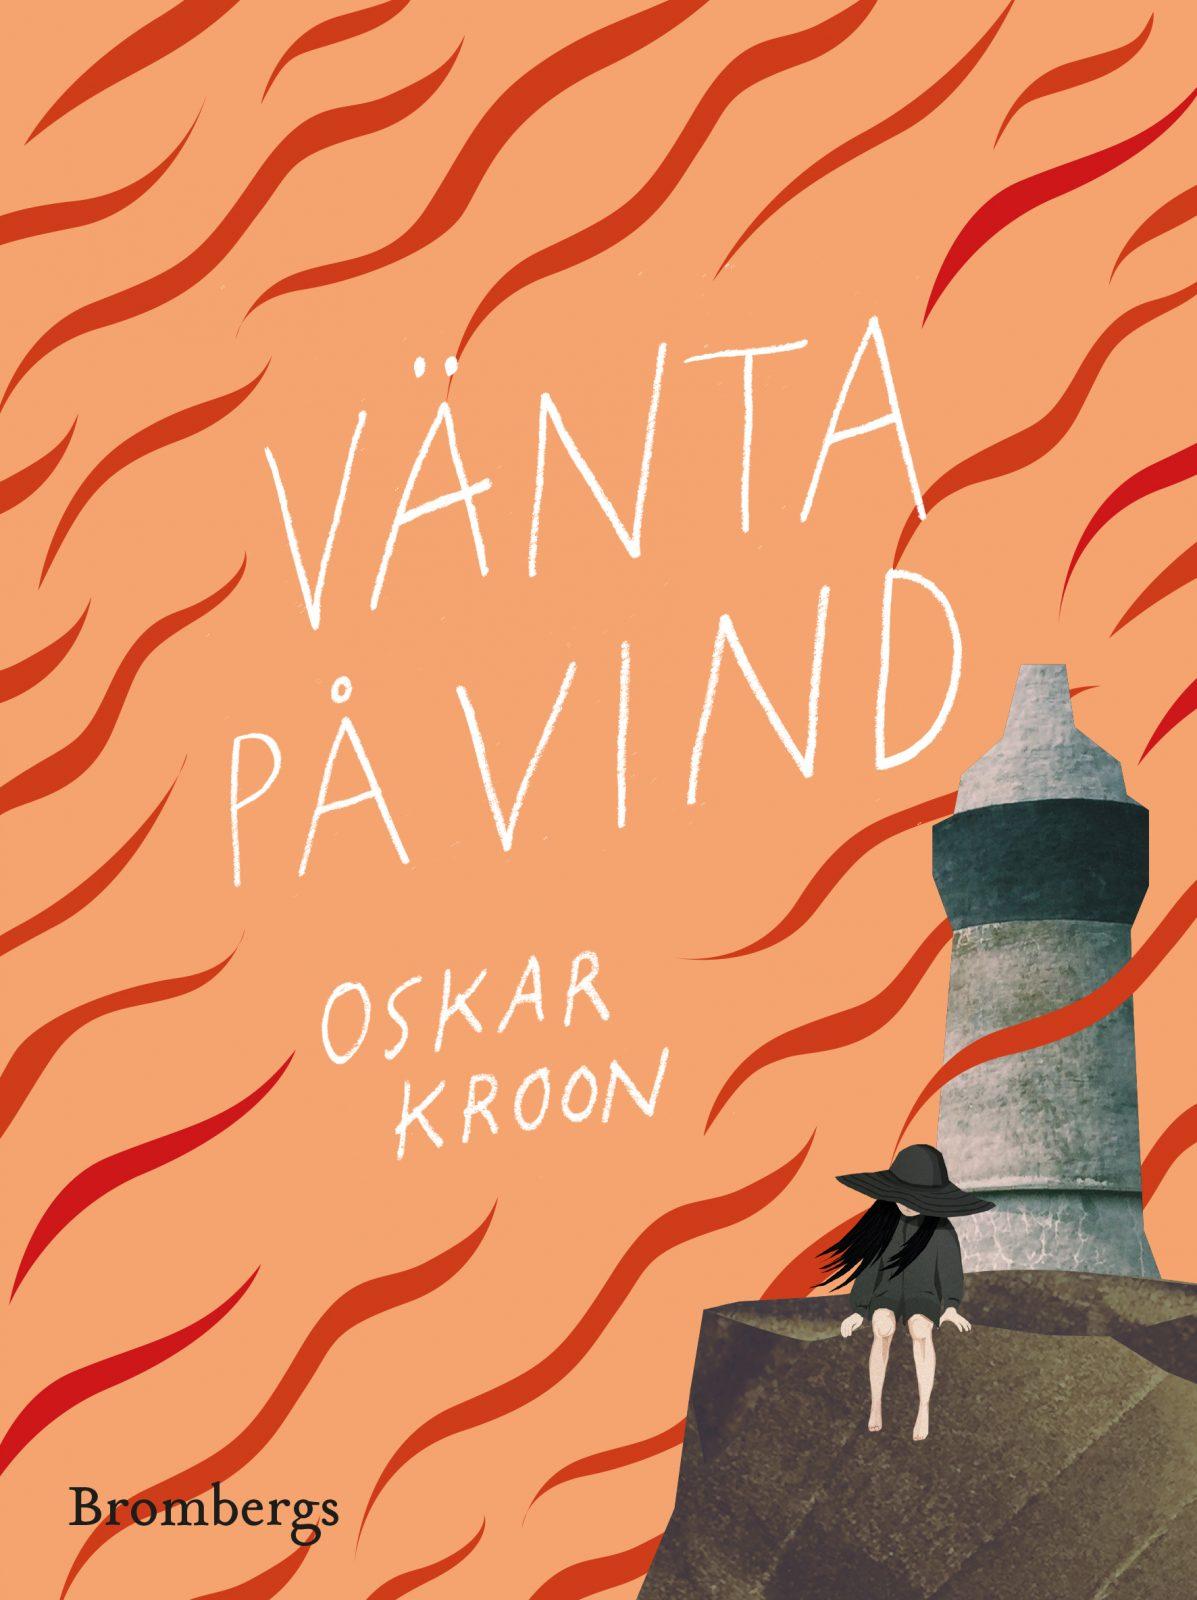 Vänta på vind Oskar Kroon